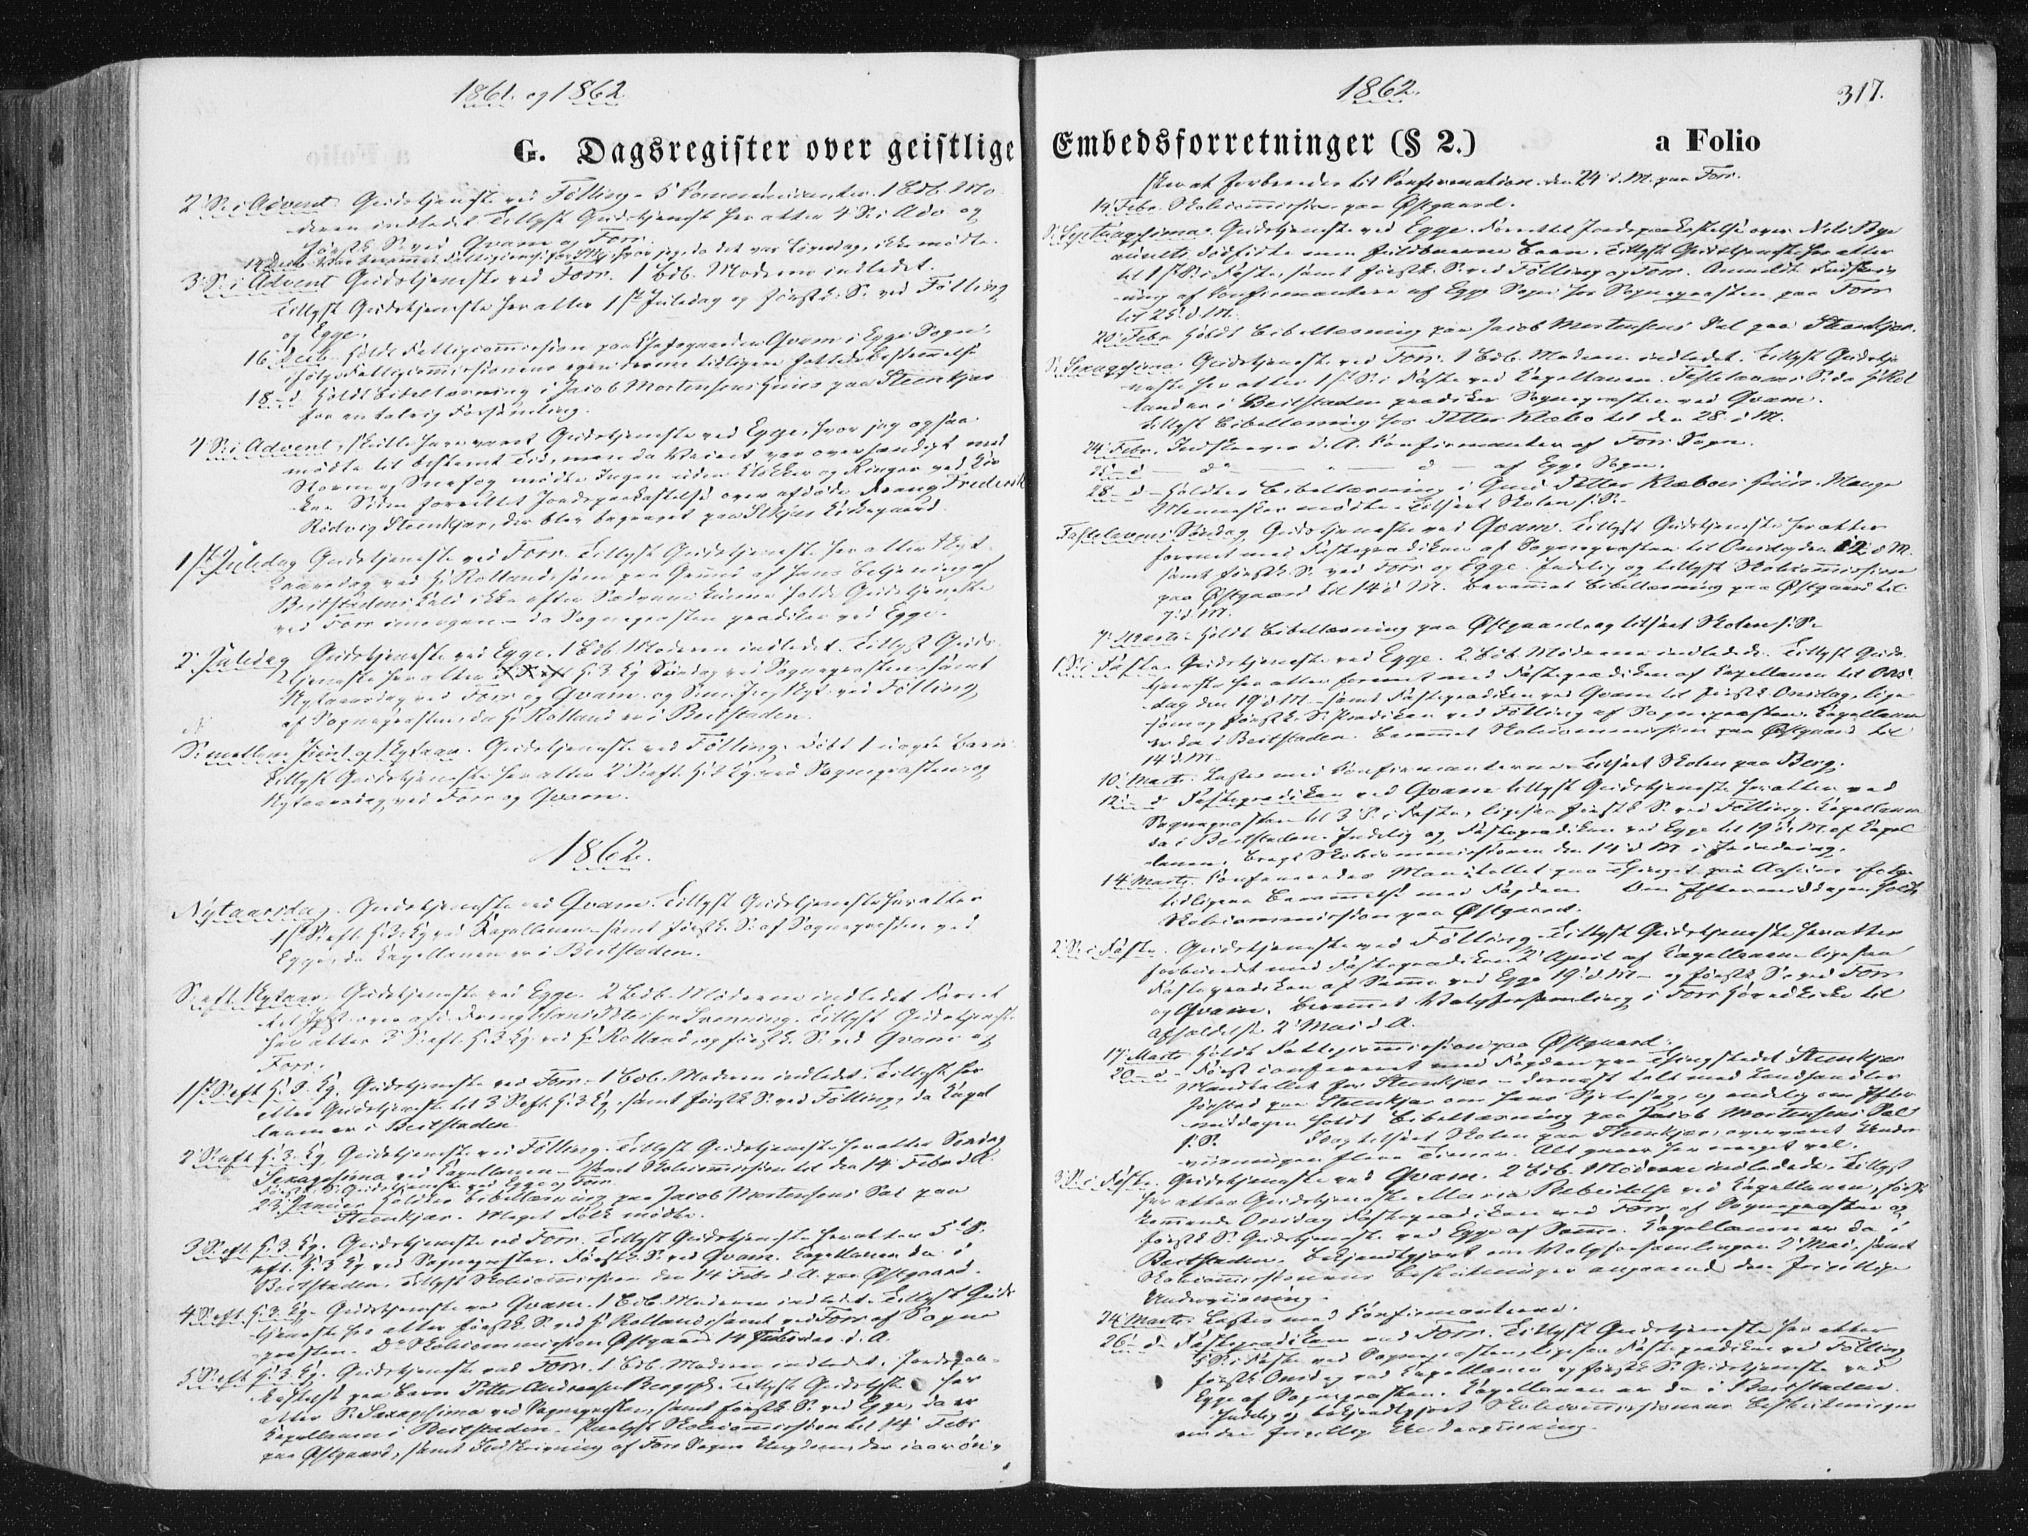 SAT, Ministerialprotokoller, klokkerbøker og fødselsregistre - Nord-Trøndelag, 746/L0447: Ministerialbok nr. 746A06, 1860-1877, s. 317